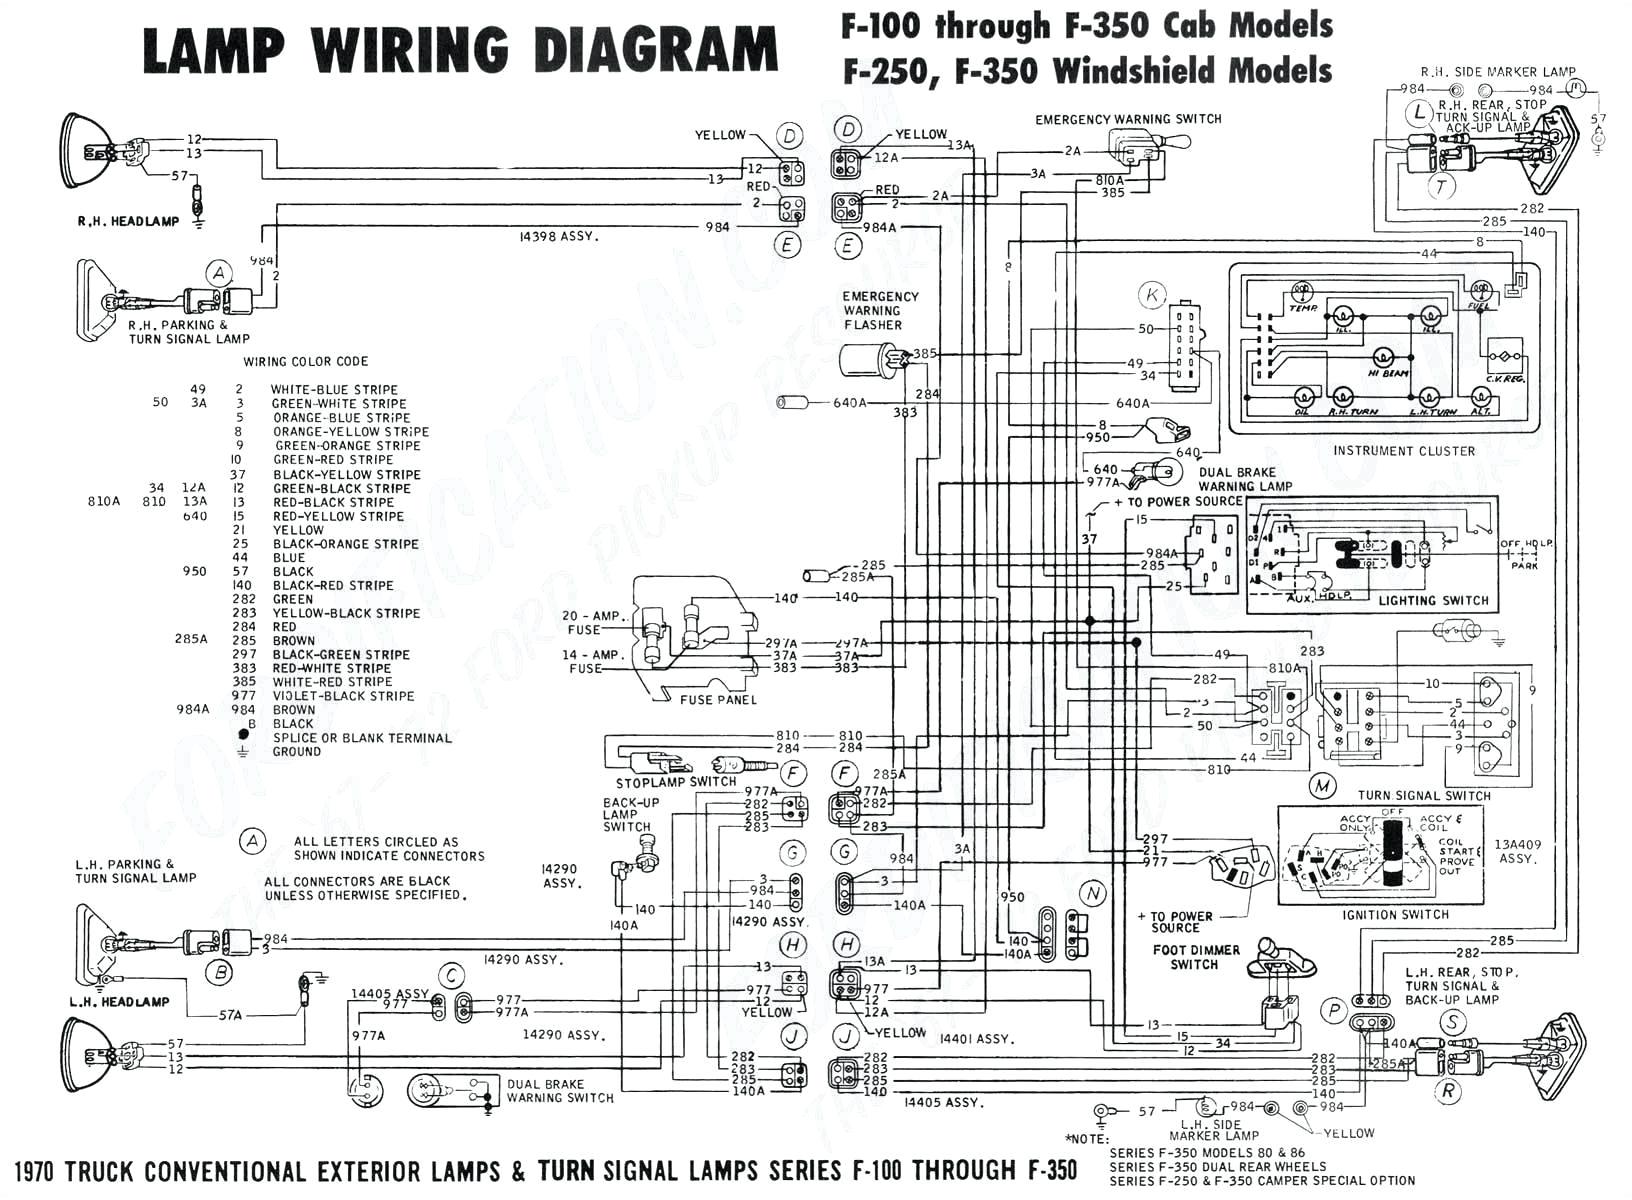 2003 Dodge Cummins Fuel Pump Wiring Diagram 2003 Dodge Ram 2500 Wiring Schematic Blog Wiring Diagram